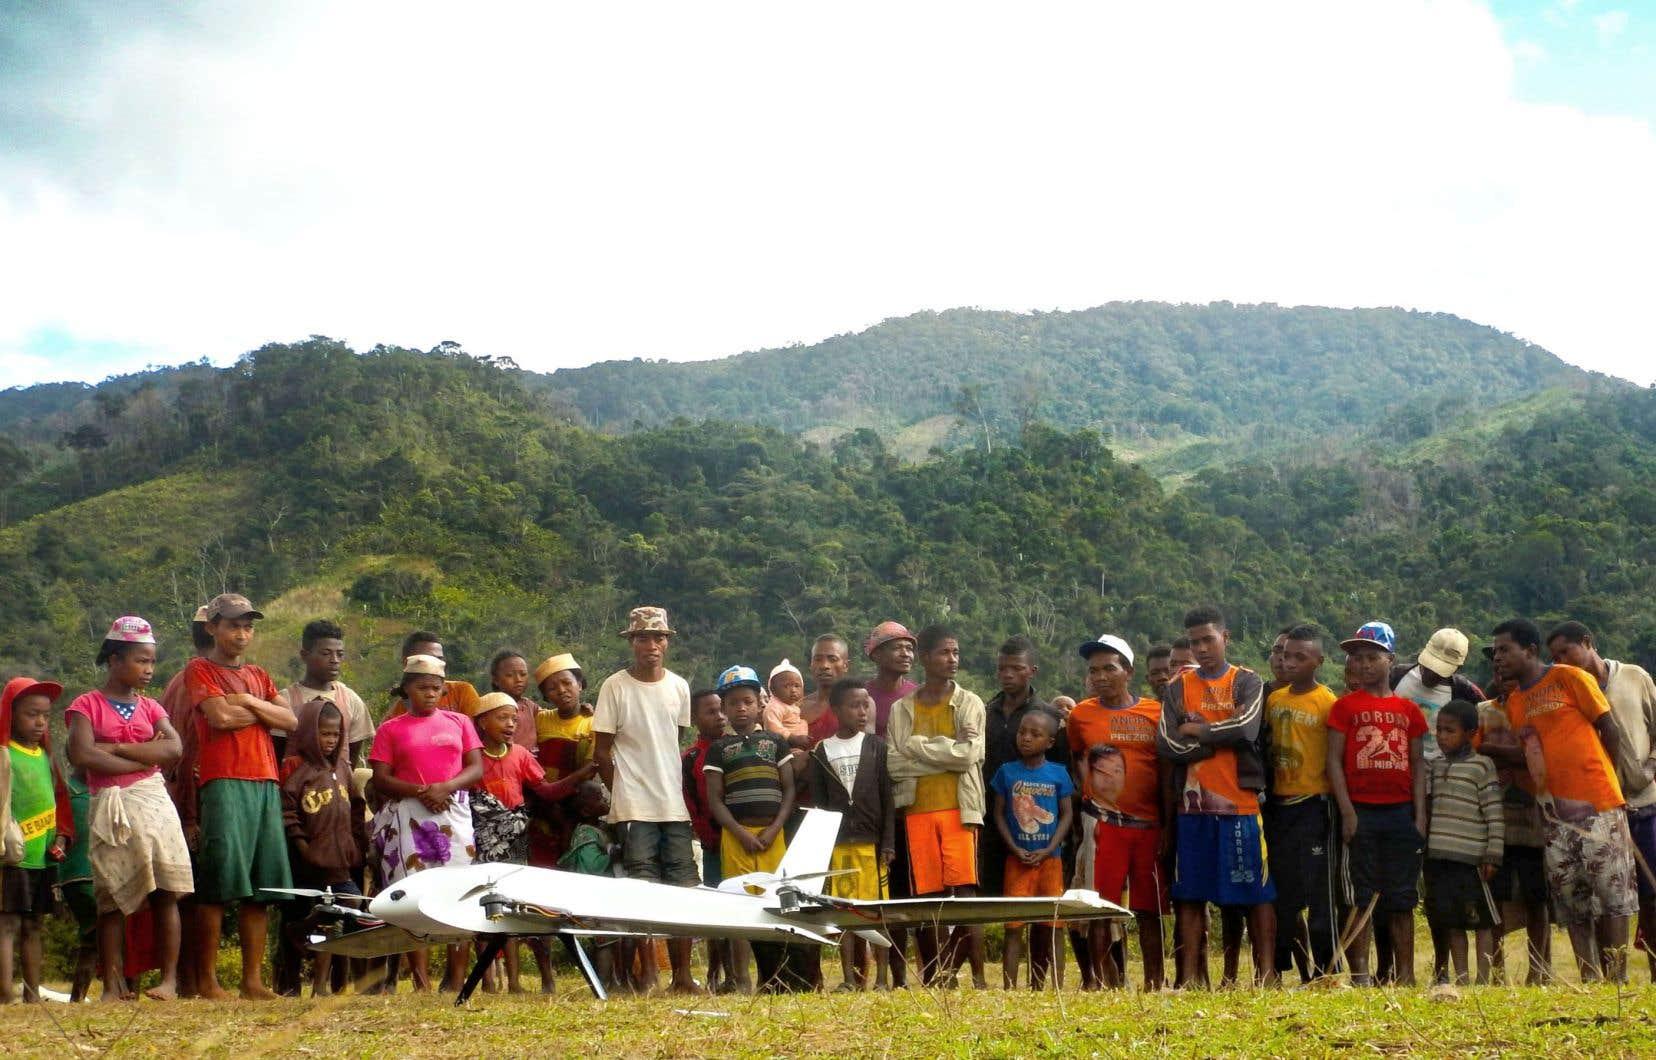 Les drones sont utilisés pour l'envoi des prélèvements aux hôpitaux et le parachutage de médicaments dans des villages situés jusqu'à cinq jours de marche du plus proche établissement de santé.